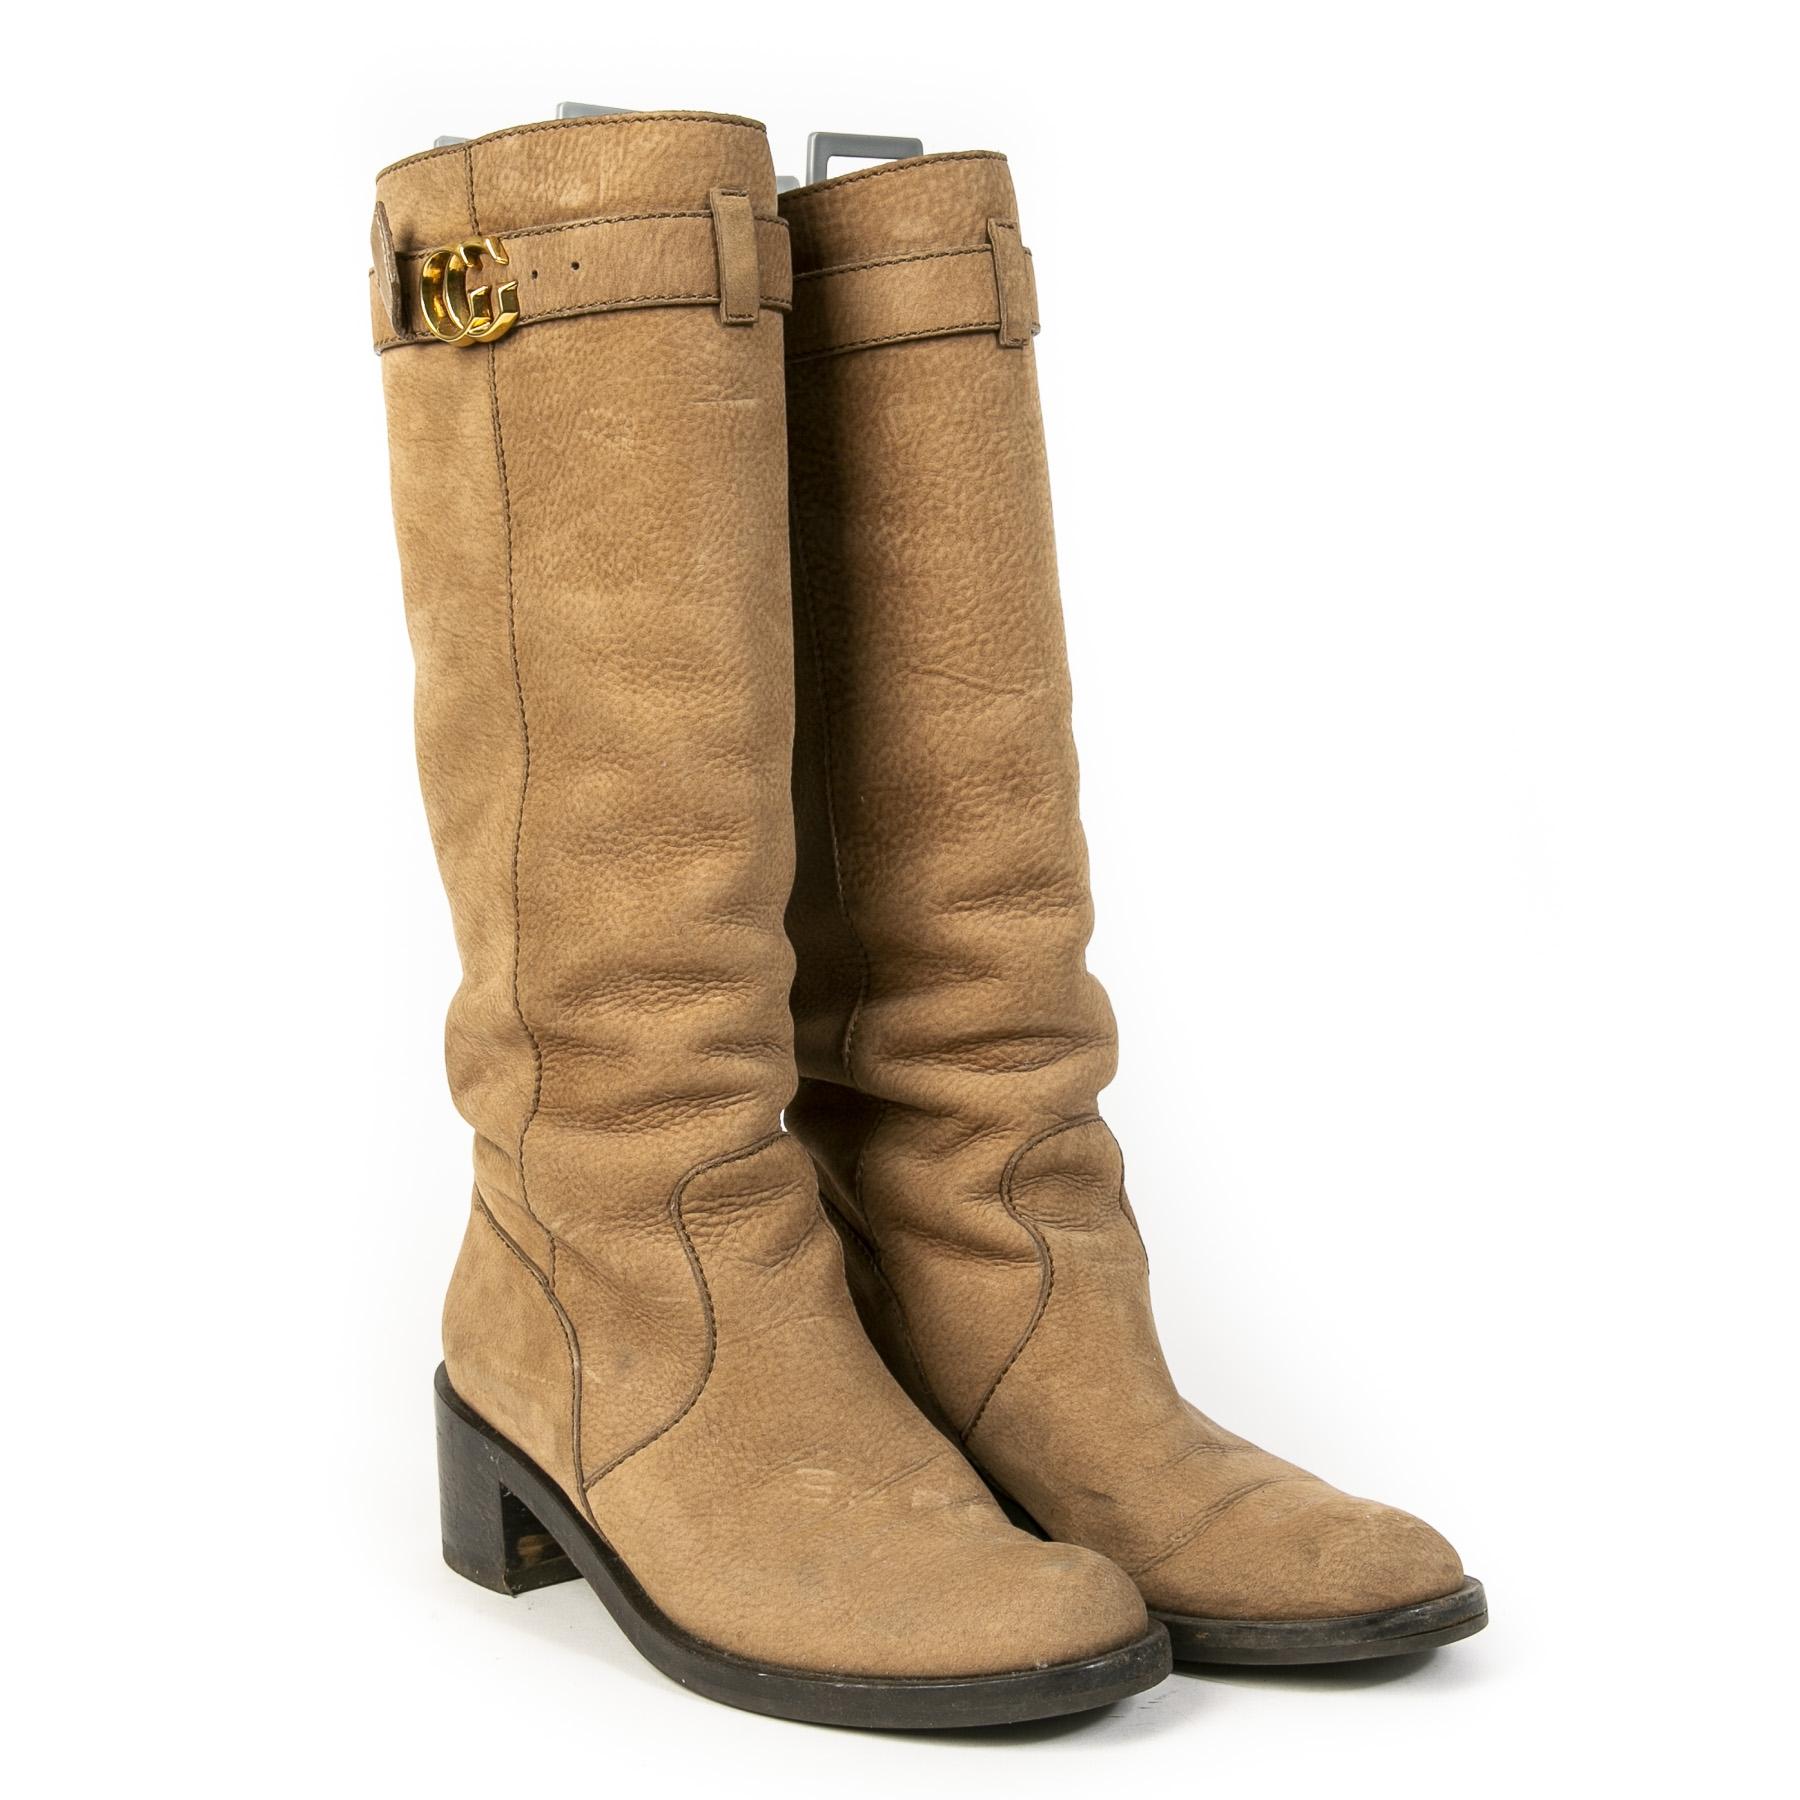 Authentieke Tweedehands Gucci Leather GG Boots juiste prijs veilig online shoppen luxe merken webshop winkelen Antwerpen België mode fashion